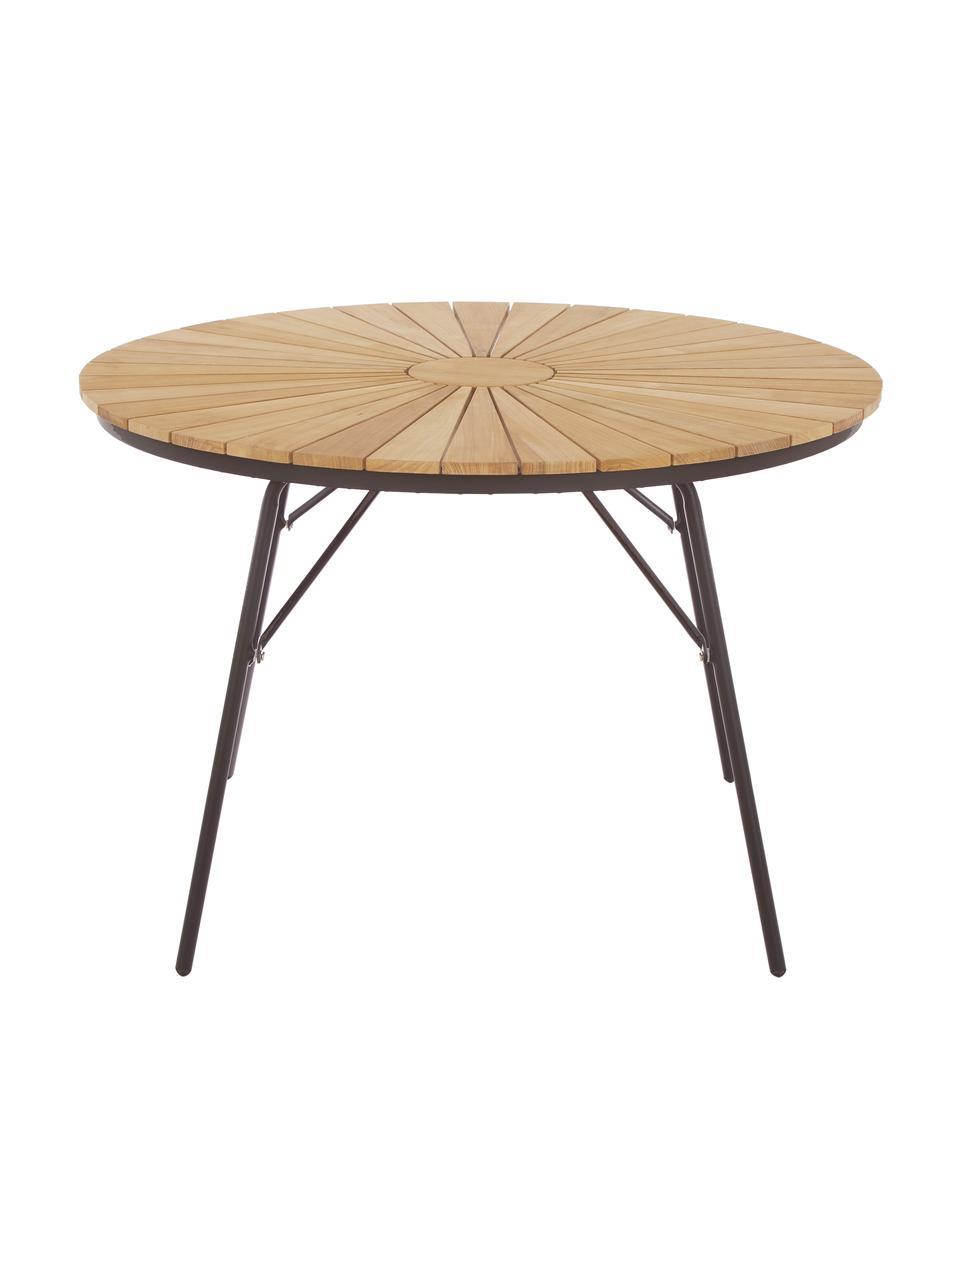 Okrągły stół ogrodowy z drewna Hard & Ellen, Blat: drewno tekowe, piaskowane, Antracytowy, drewno tekowe, Ø 130 x W 73 cm